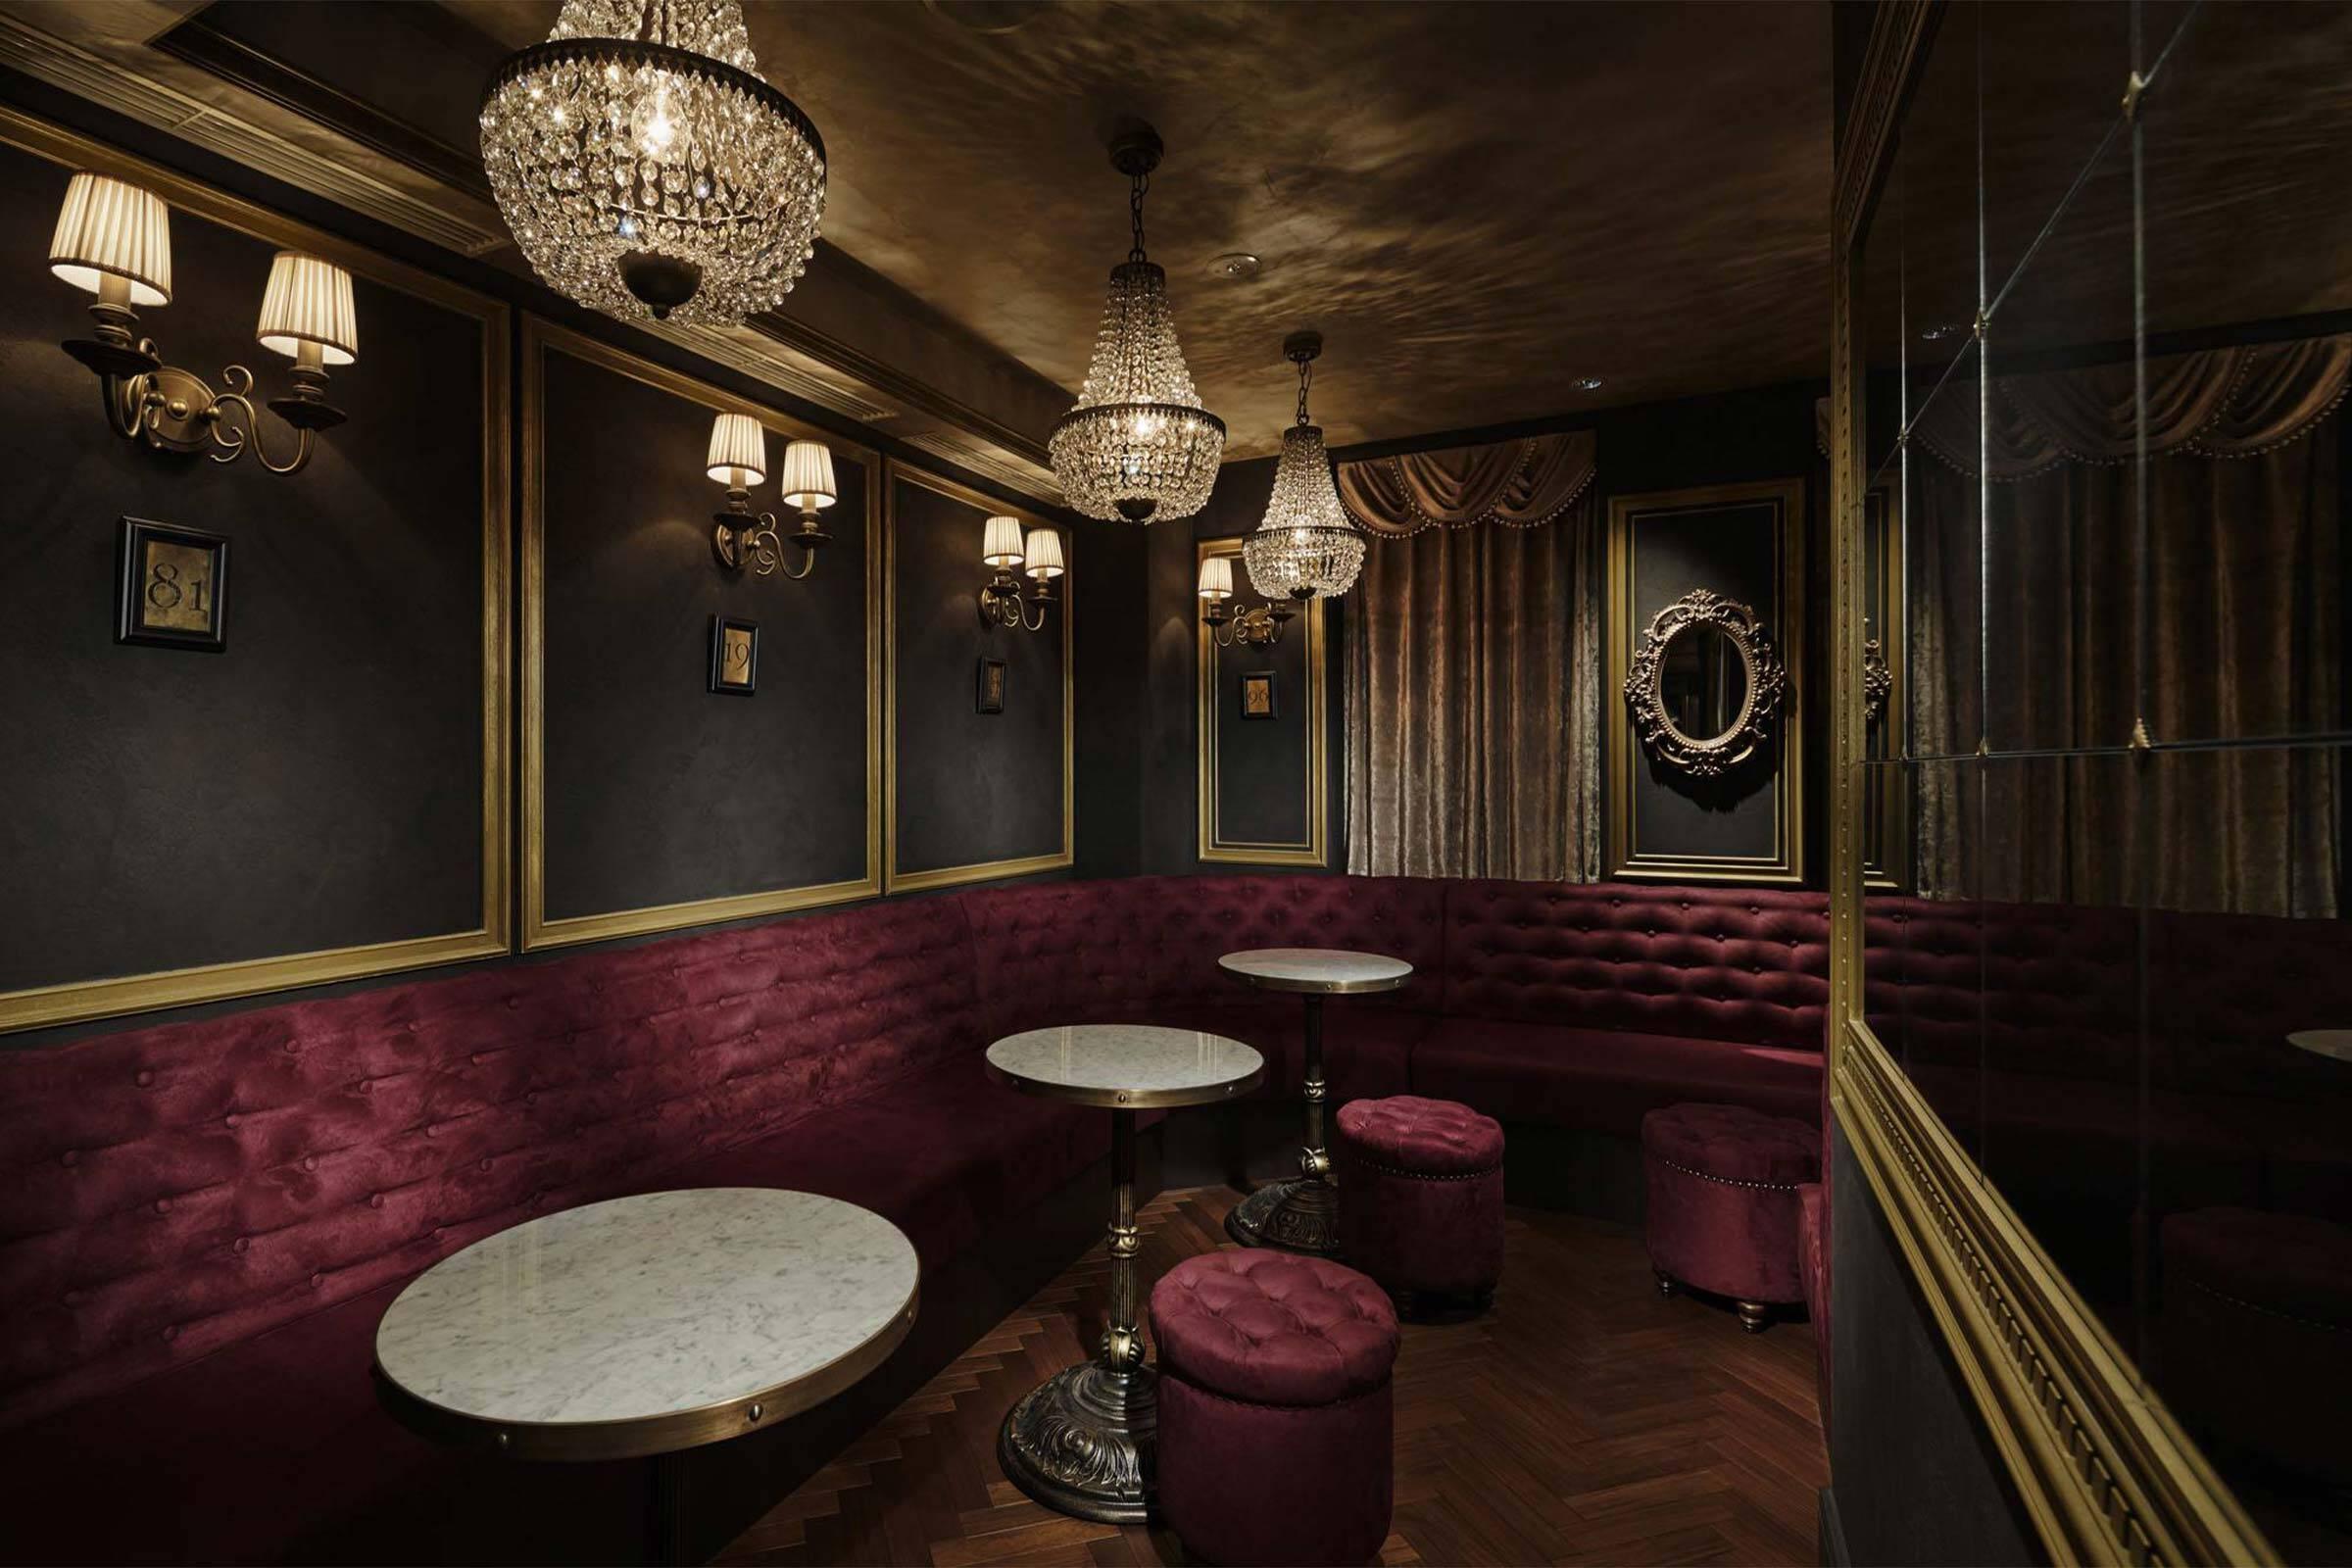 紳士・淑女のためのティーサロン「Quiet Tea Salon by BITTERS END CLUB」8月21日オープン